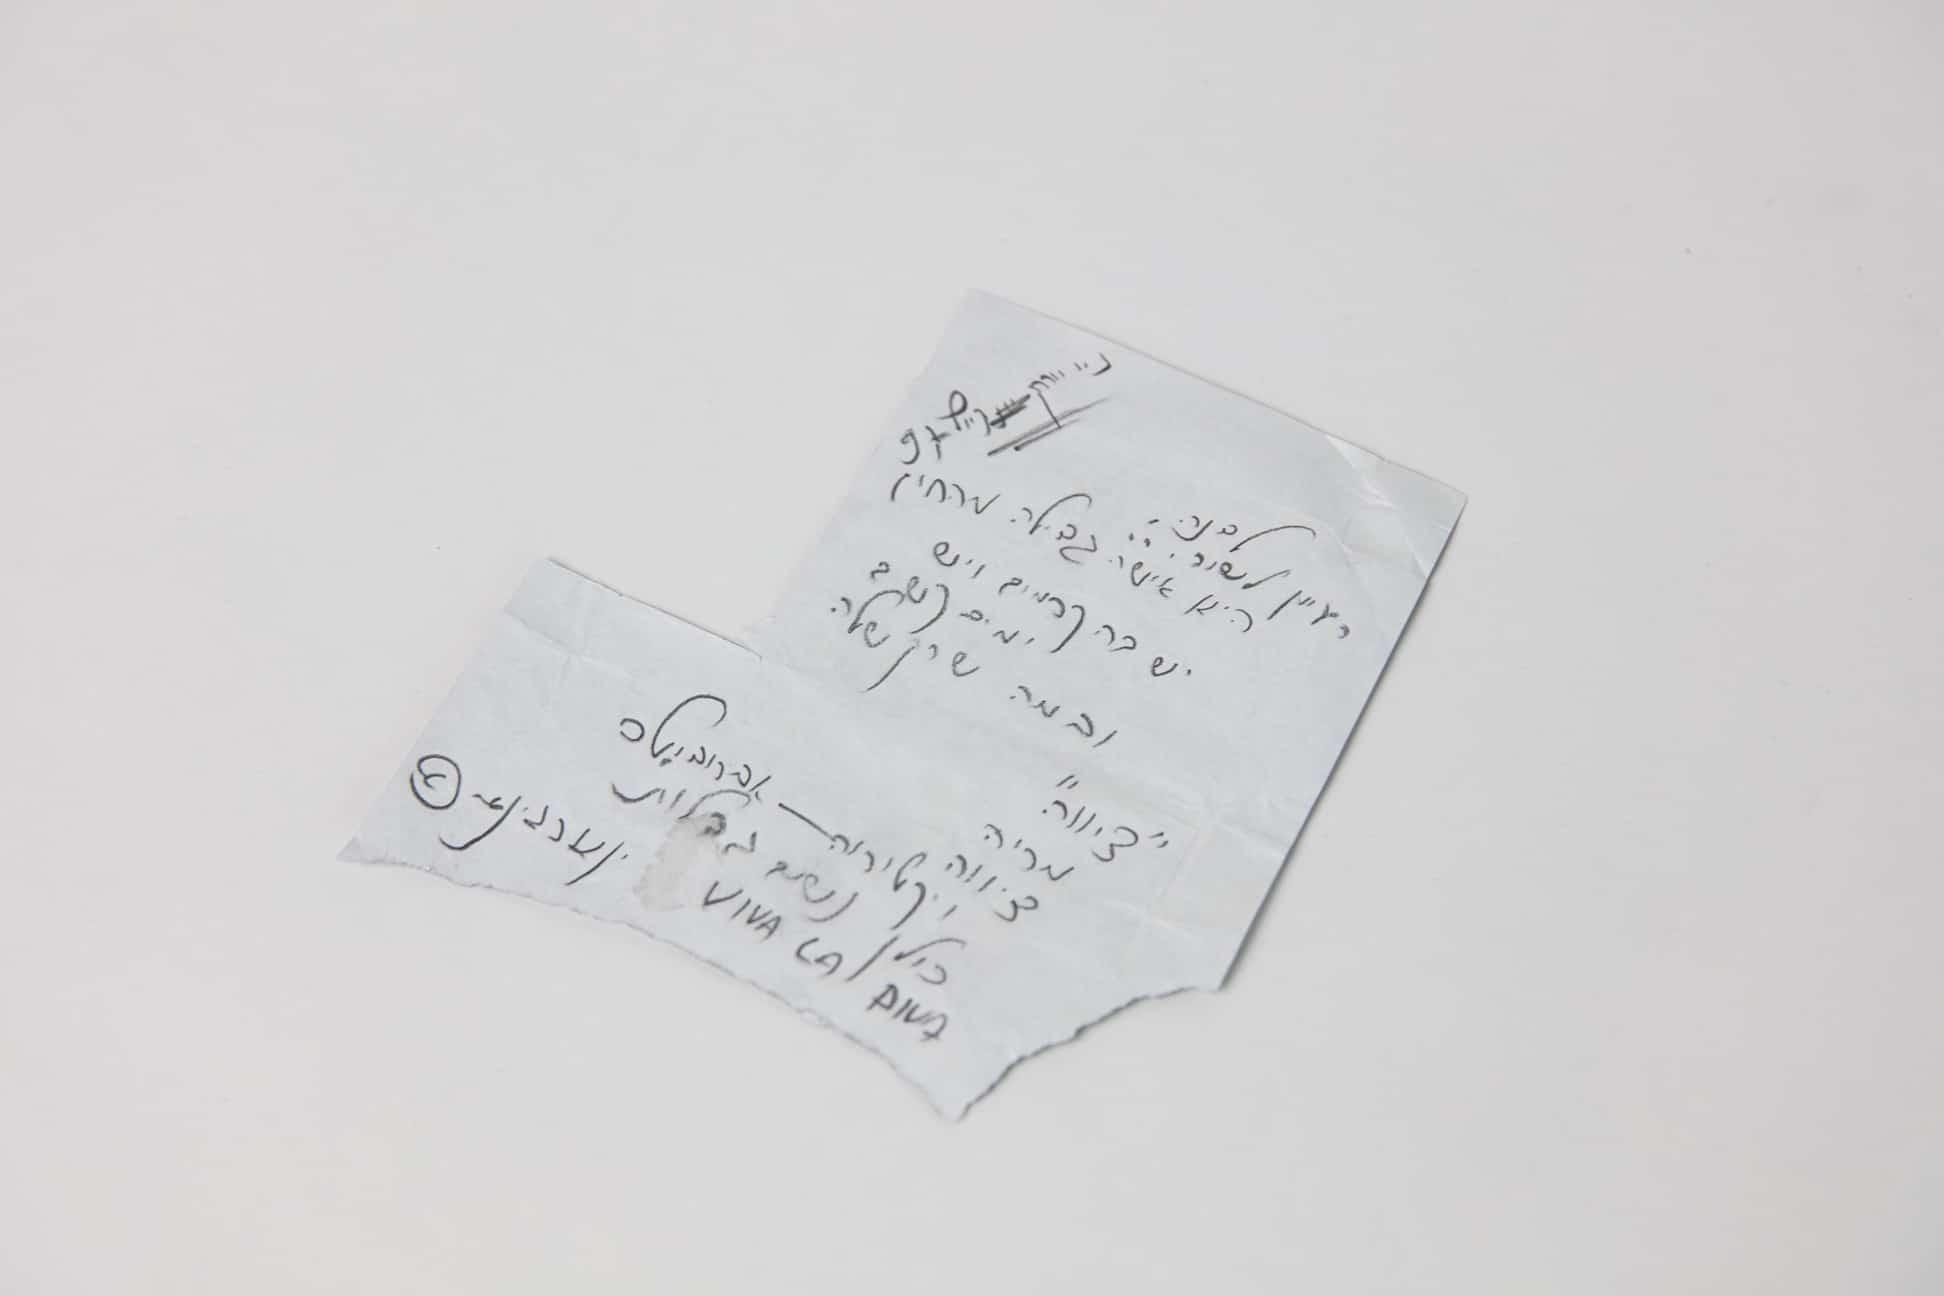 טיוטת השיר דיווה באדיבות יואב גינאי, צילום: רן יחזקאל